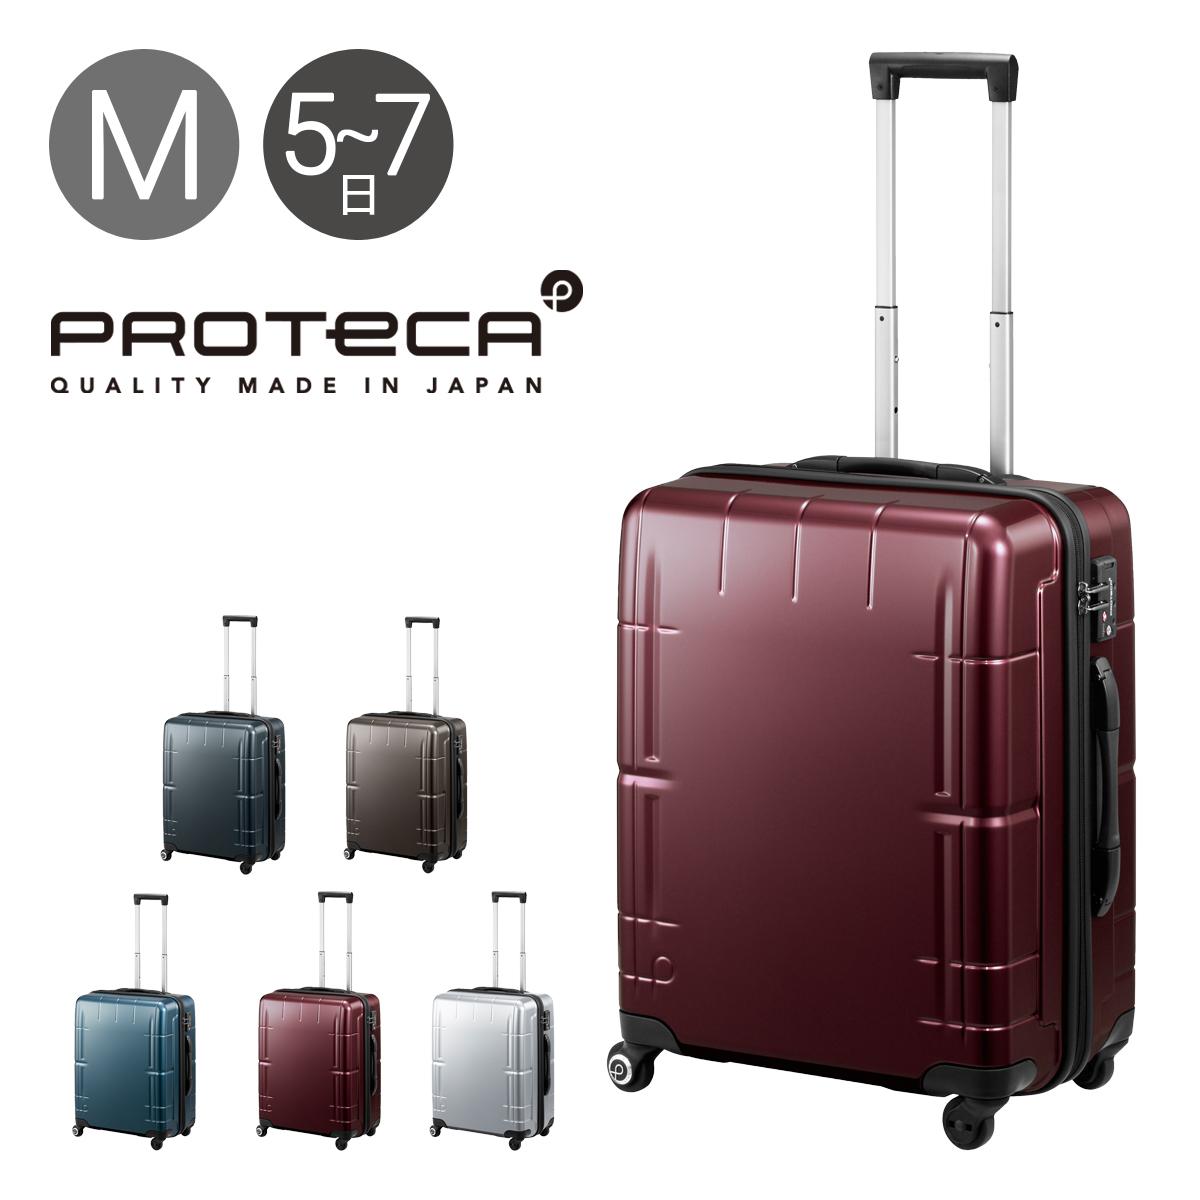 プロテカ スーツケース 66L 55cm 4kg スタリアVs 02953 日本製 PROTECA ハード ファスナー キャリーバッグ キャリーケース 軽量 ストッパー付き 静音 TSAロック搭載 3年保証[PO10][bef]